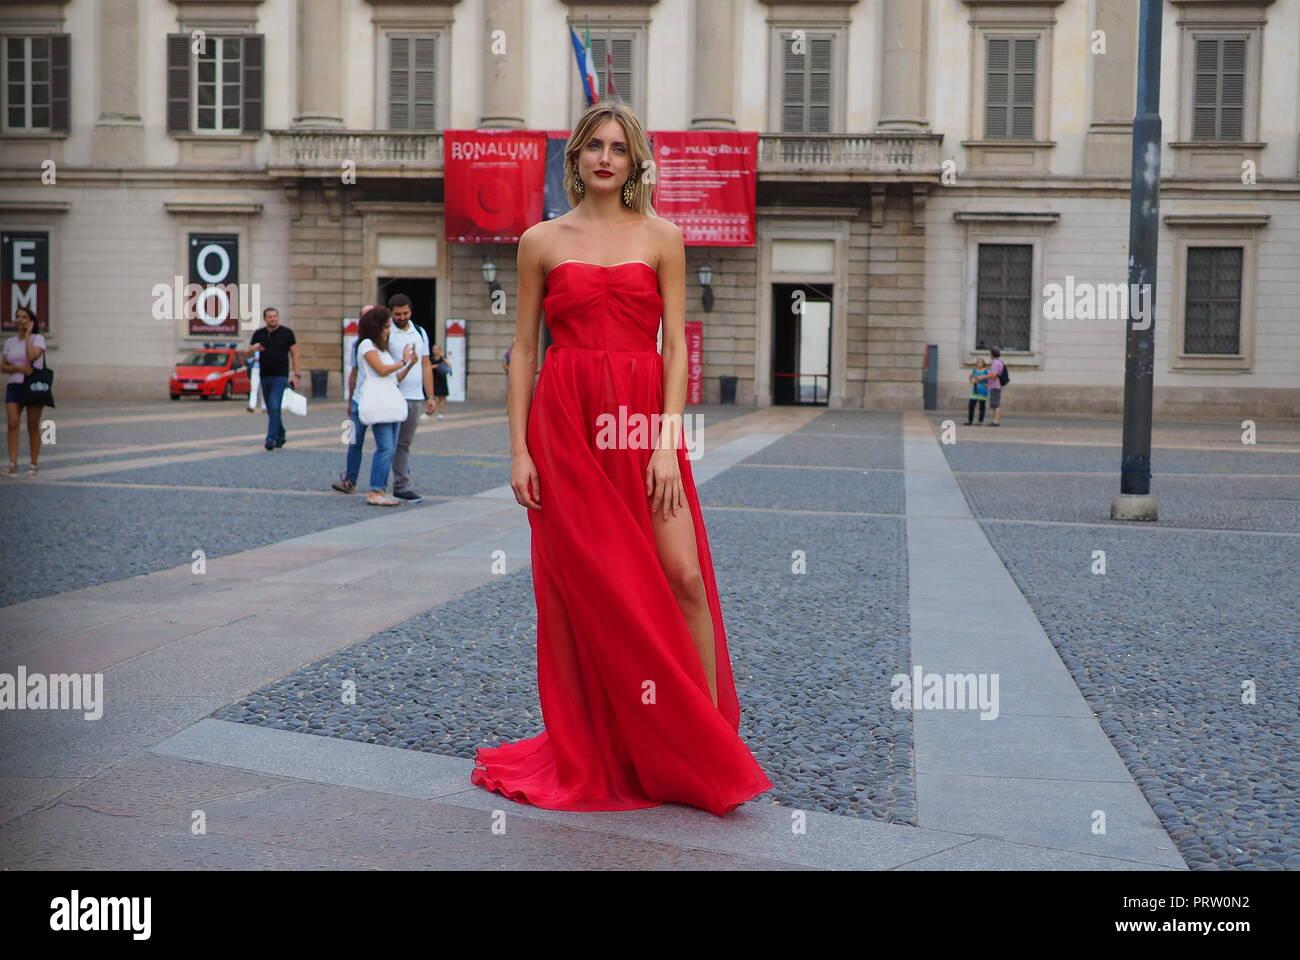 Milán, Italia: Septiembre 21, 2018: modelo posando para los fotógrafos en la plaza del Duomo después del acto 1 Fashion show durante la MFW Foto de stock